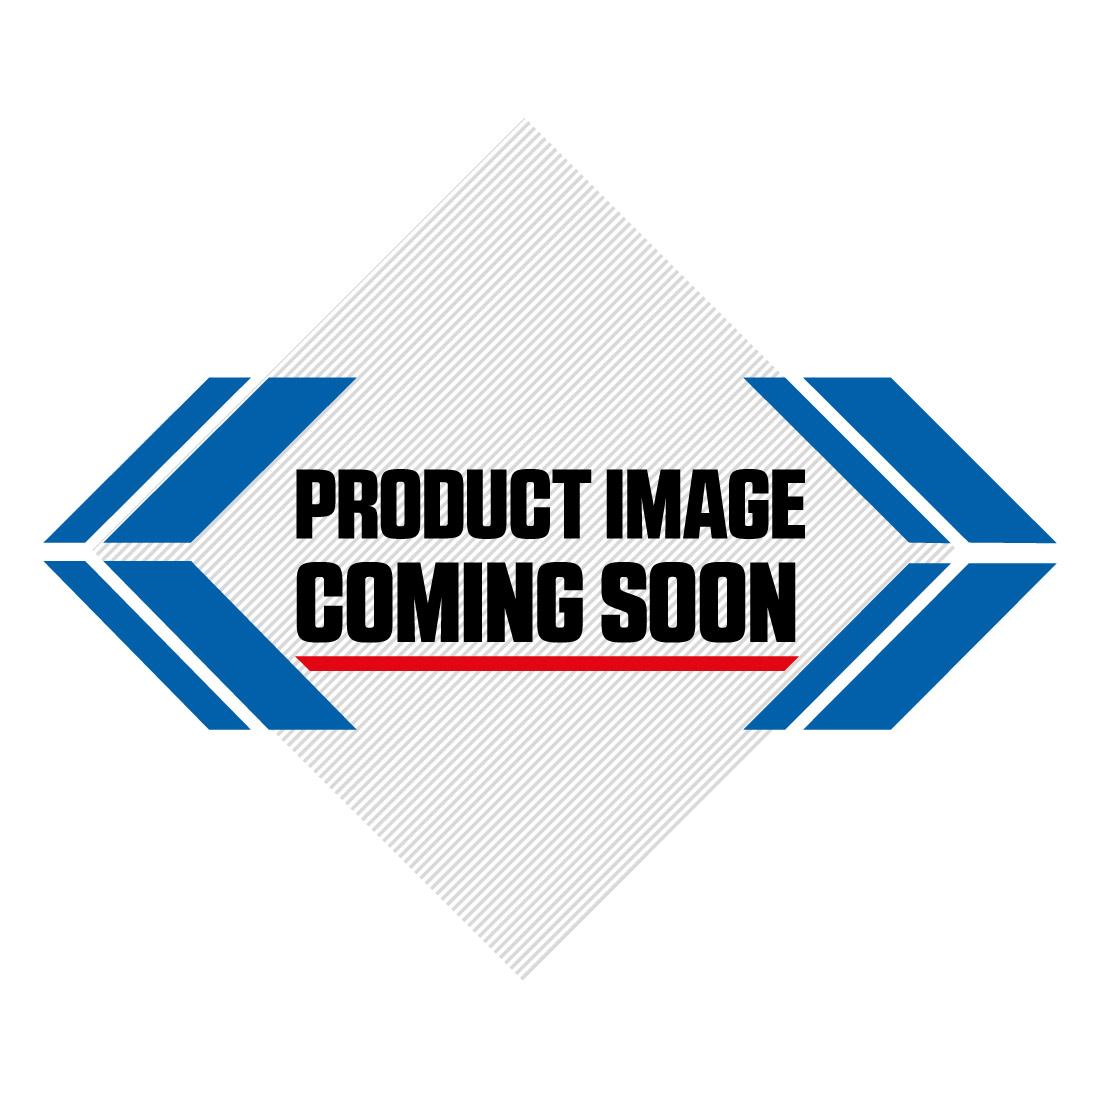 Rear fender KTM 250-500 - White Col 047